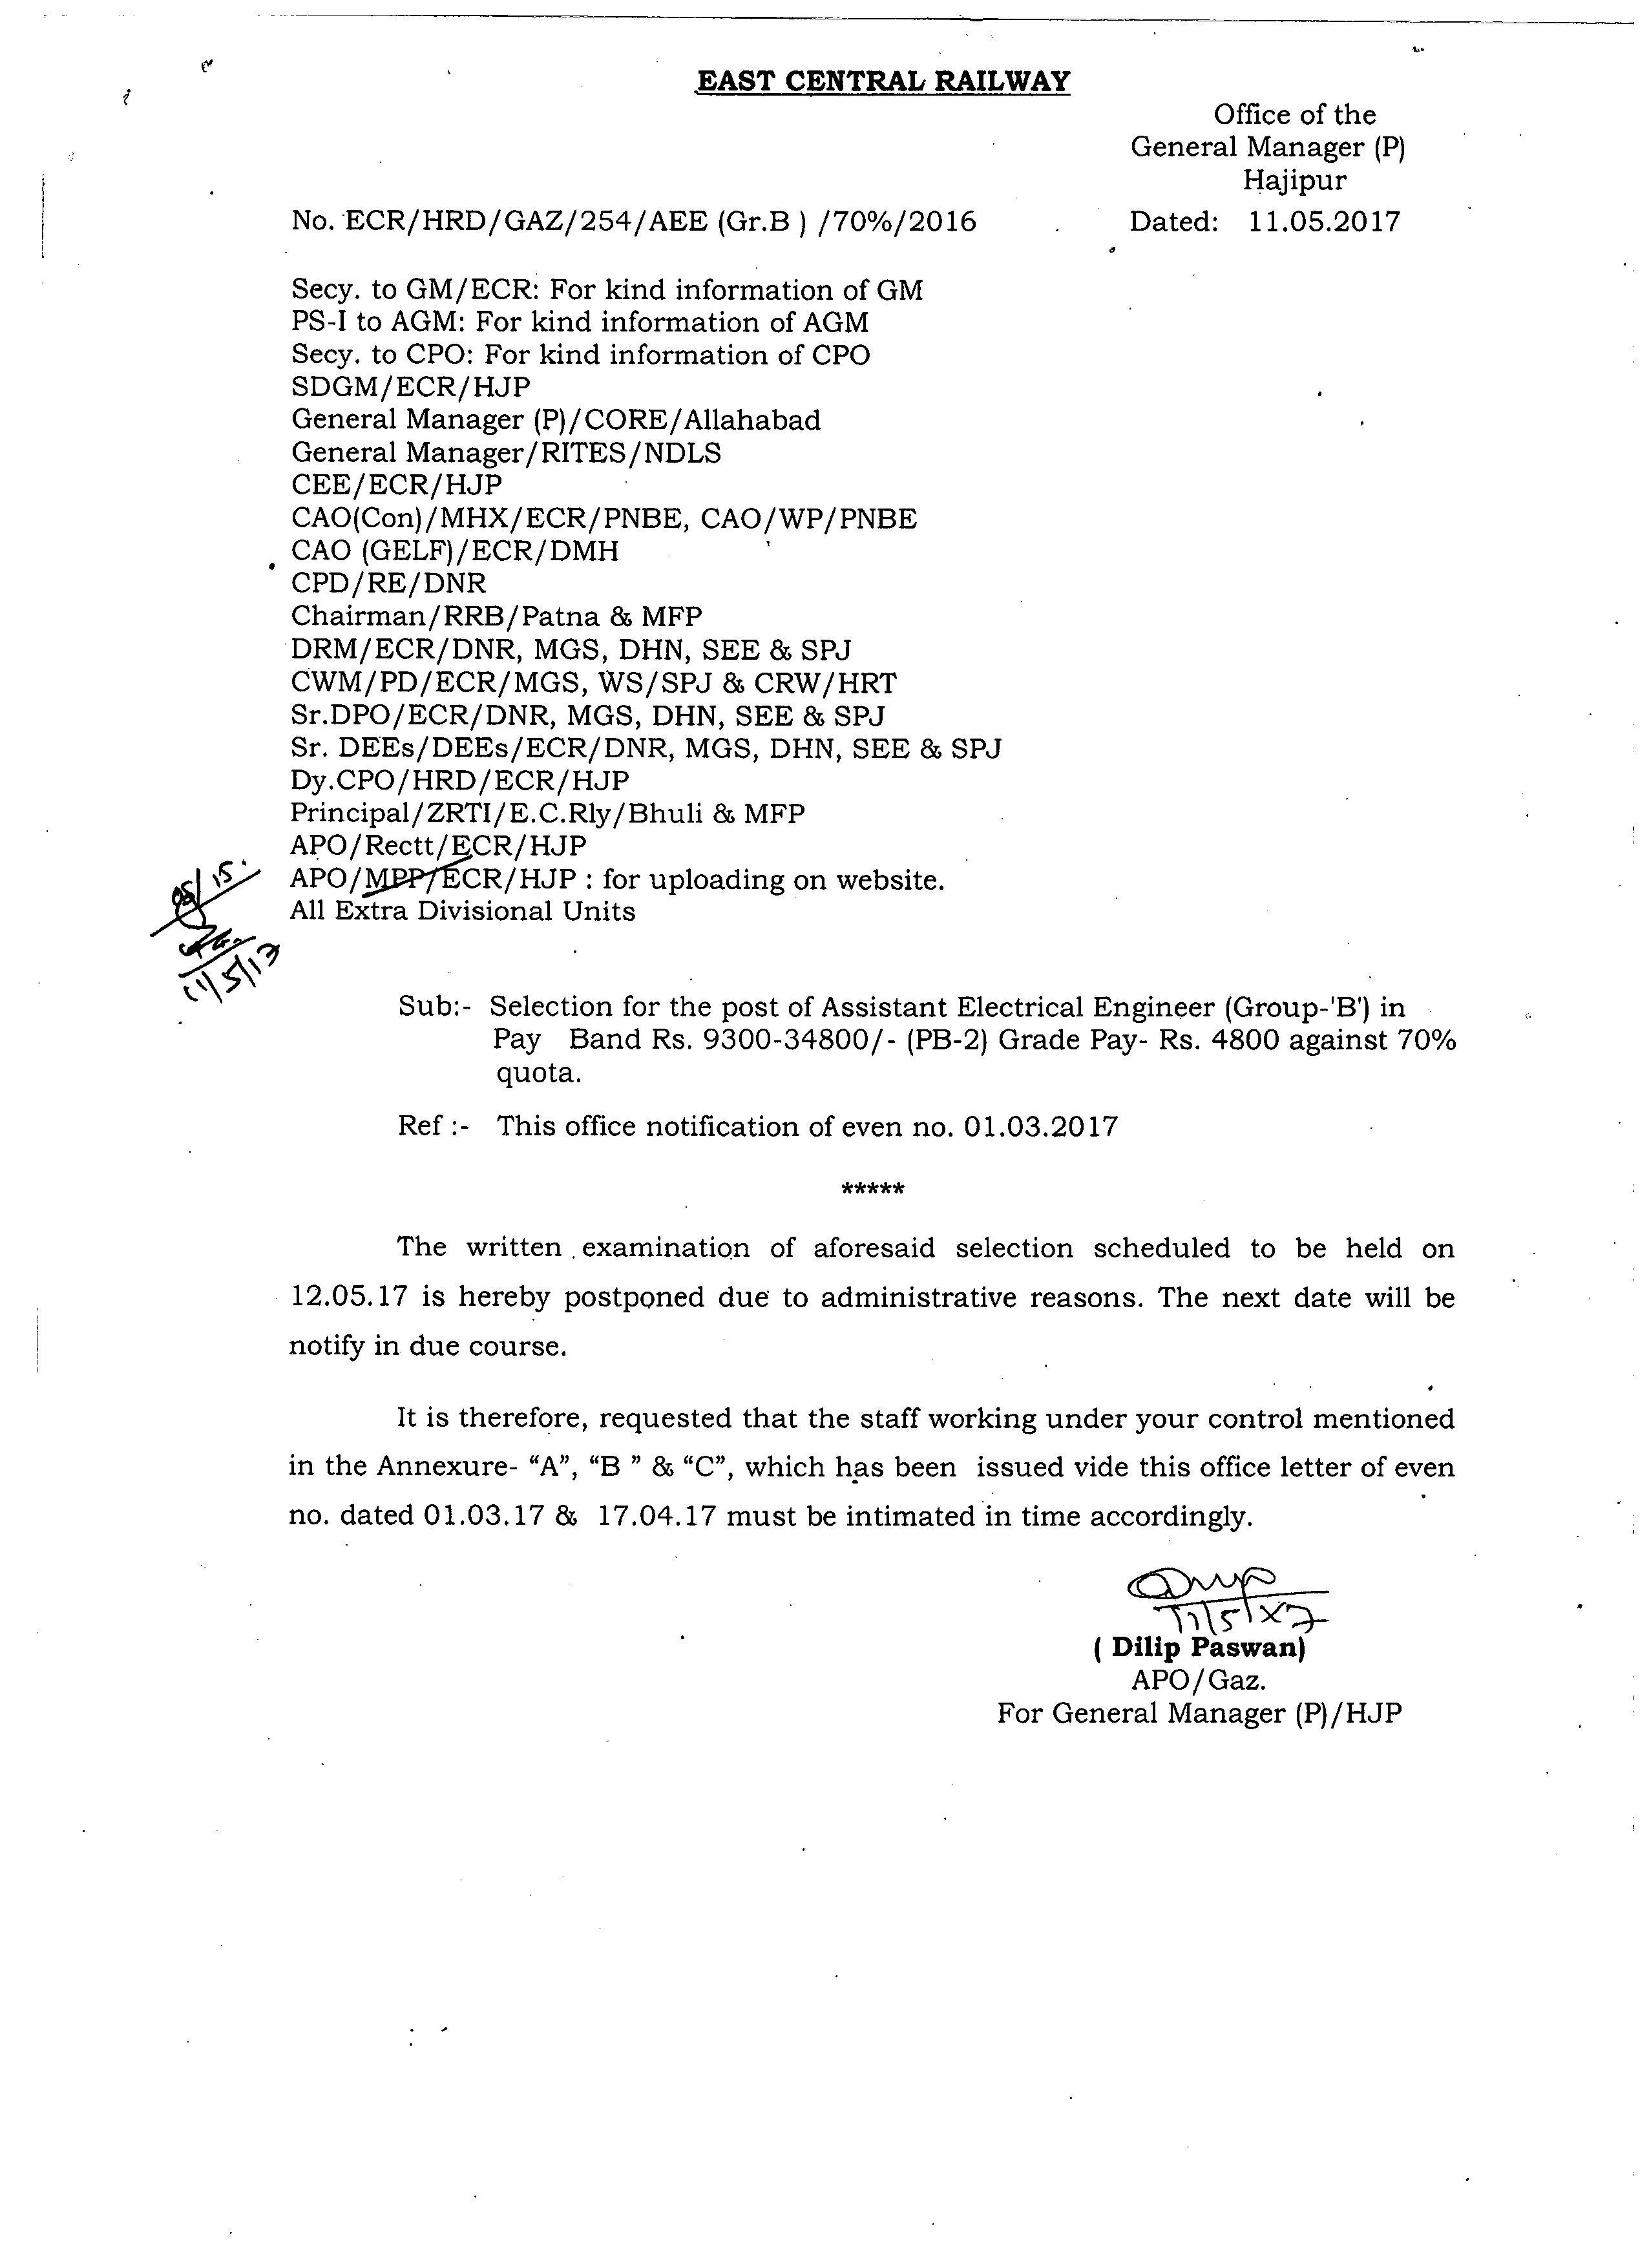 East Central Railways Indian Railways Portal